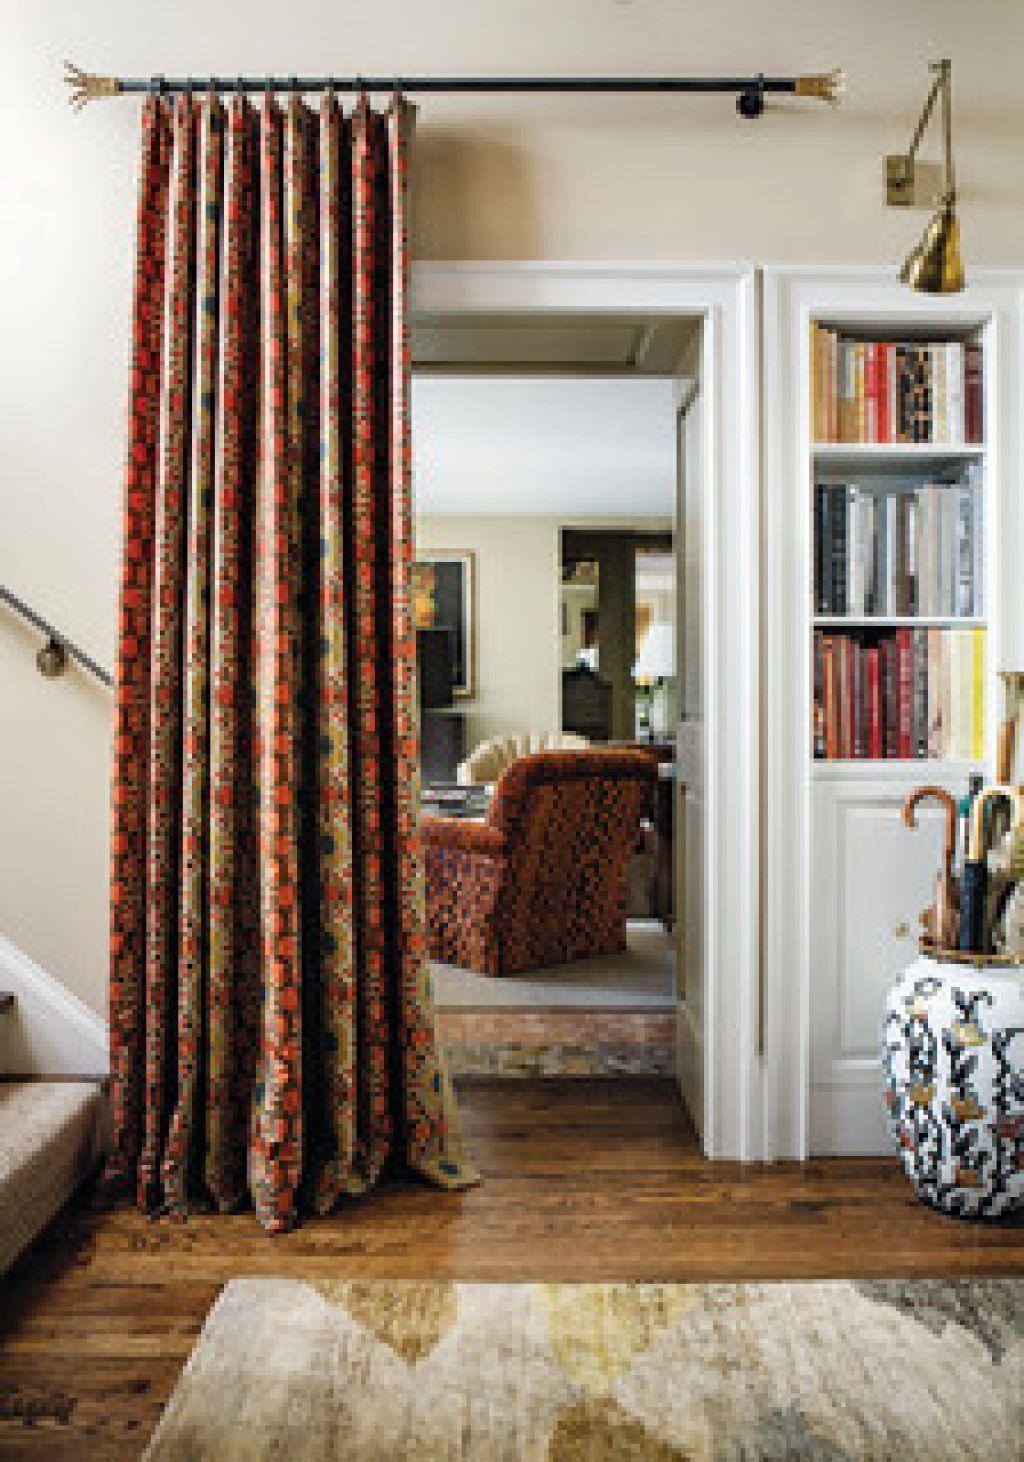 Hang Portieres In Open Doorways Floor Length Drapes Hung Between